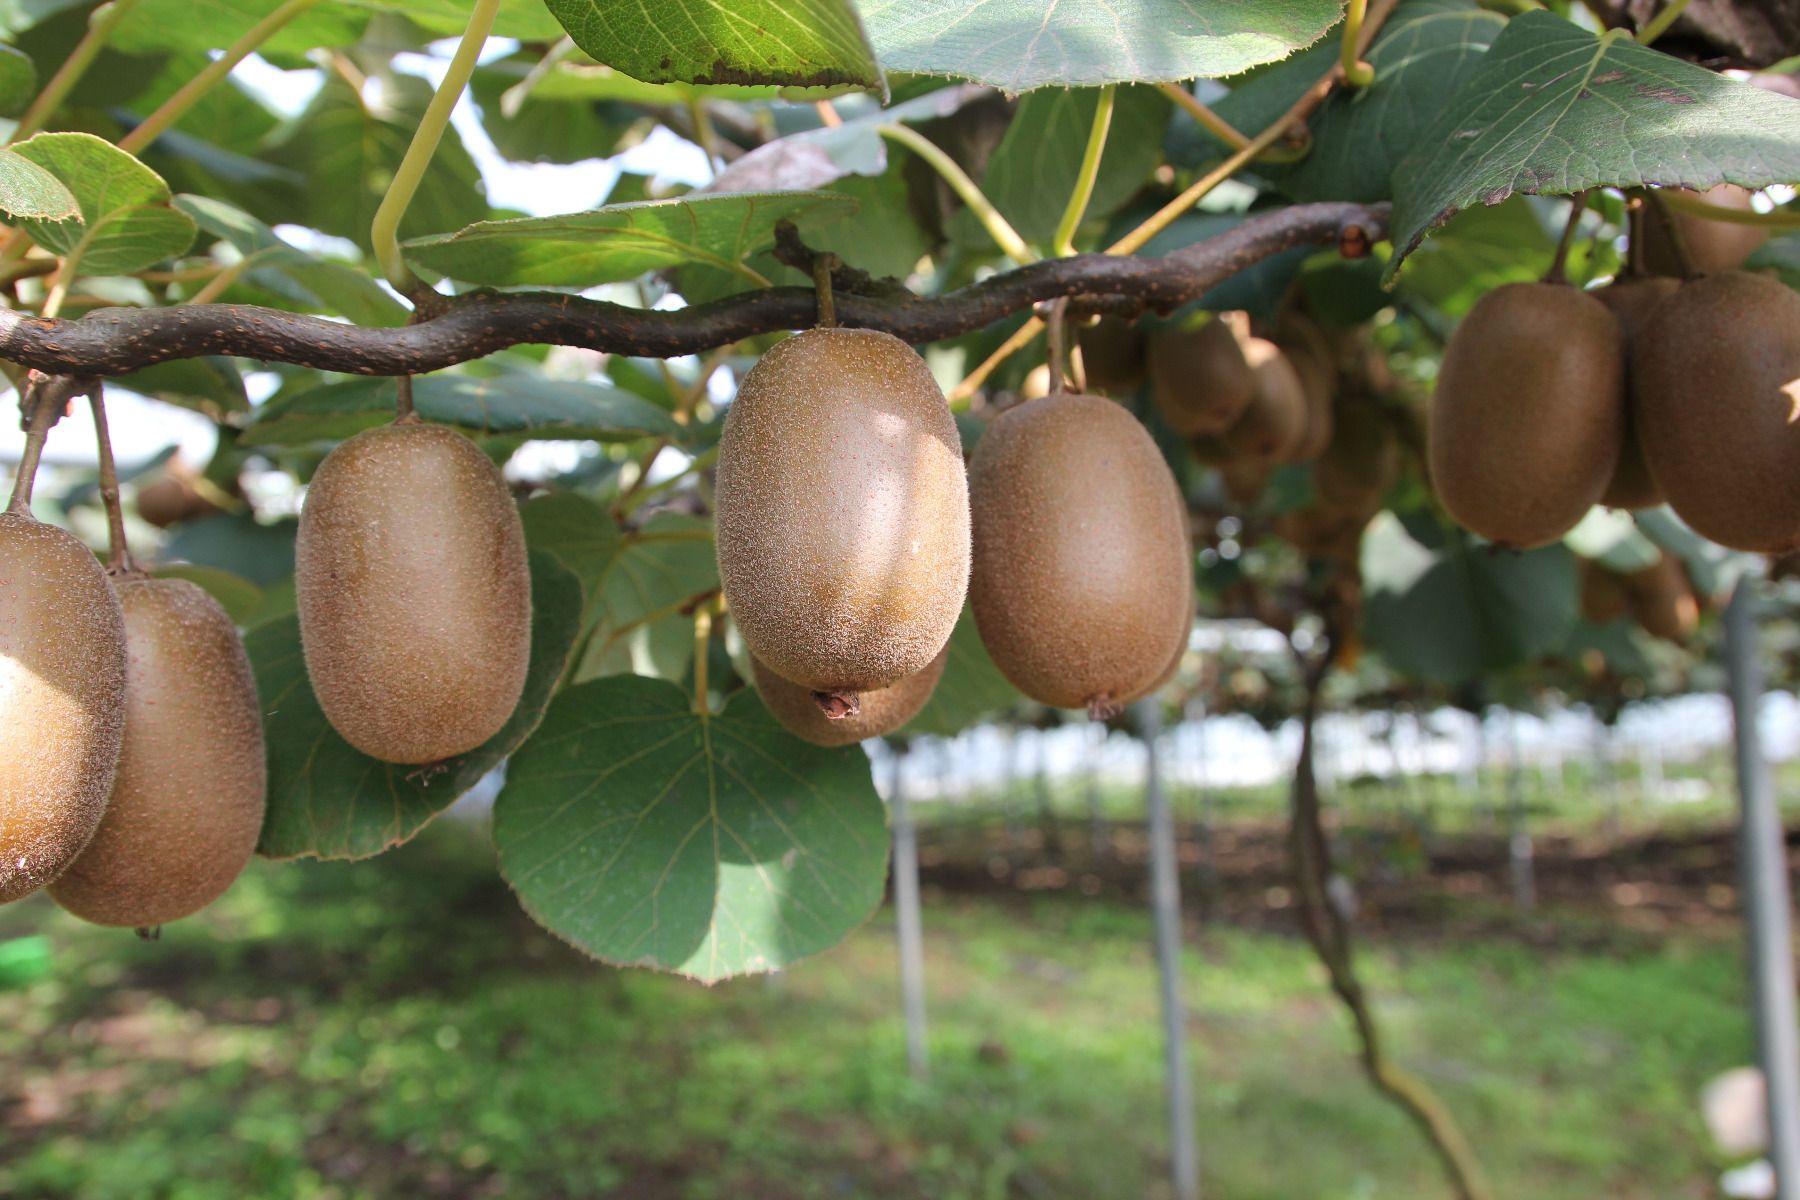 Comment Planter Un Arbre Fruitier comment planter, tailler et entretenir un kiwi ?